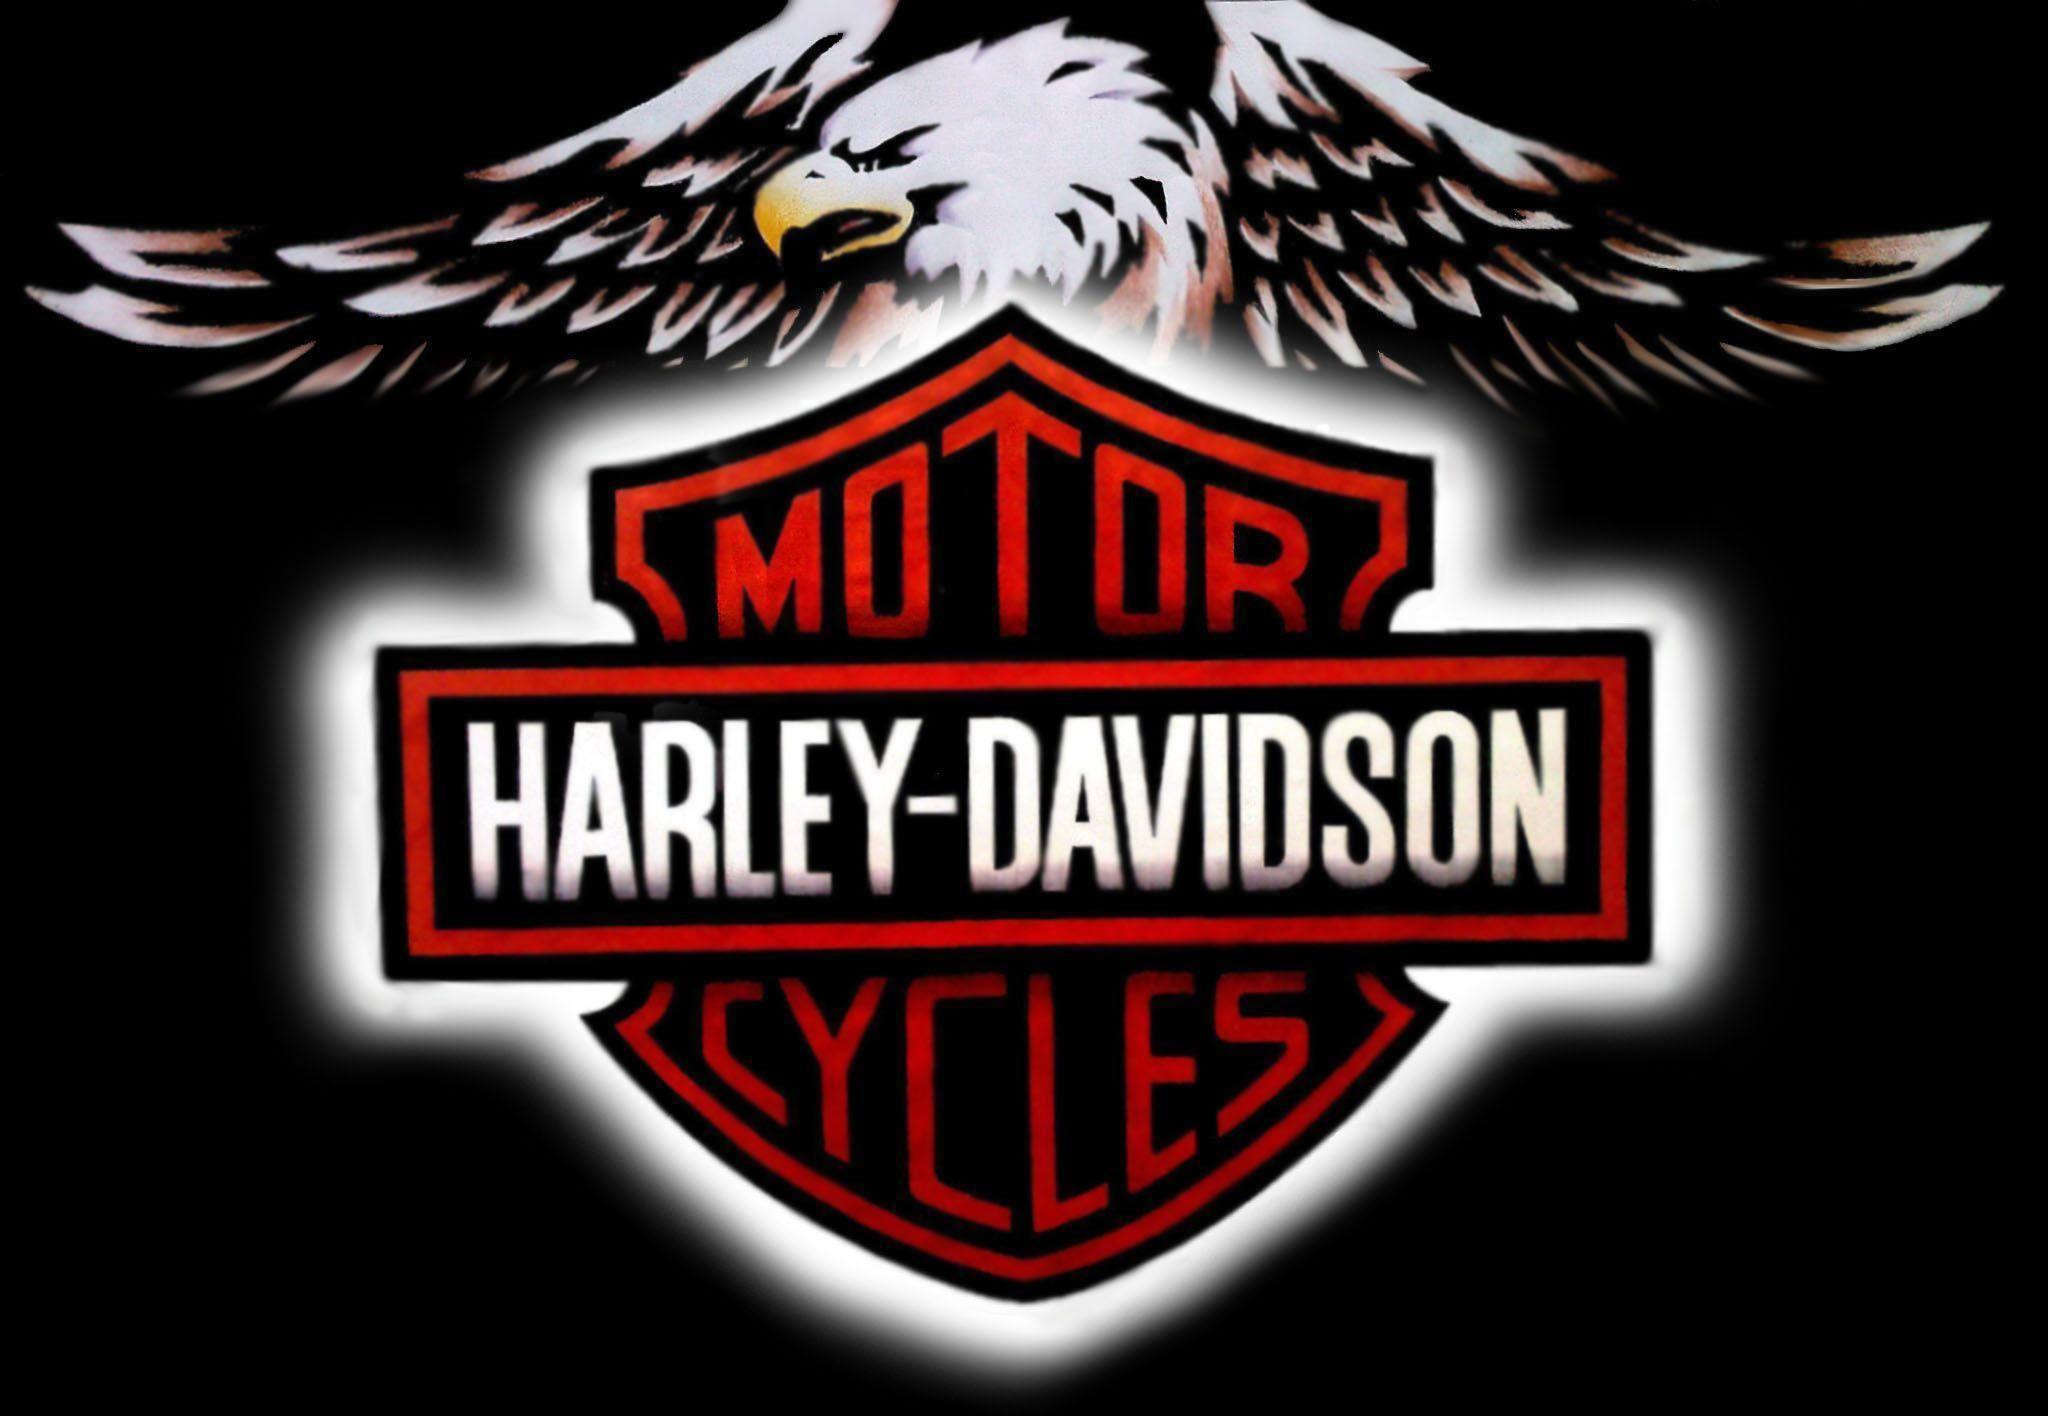 17 Best images about Harley Davidson on Pinterest | Eagle ...